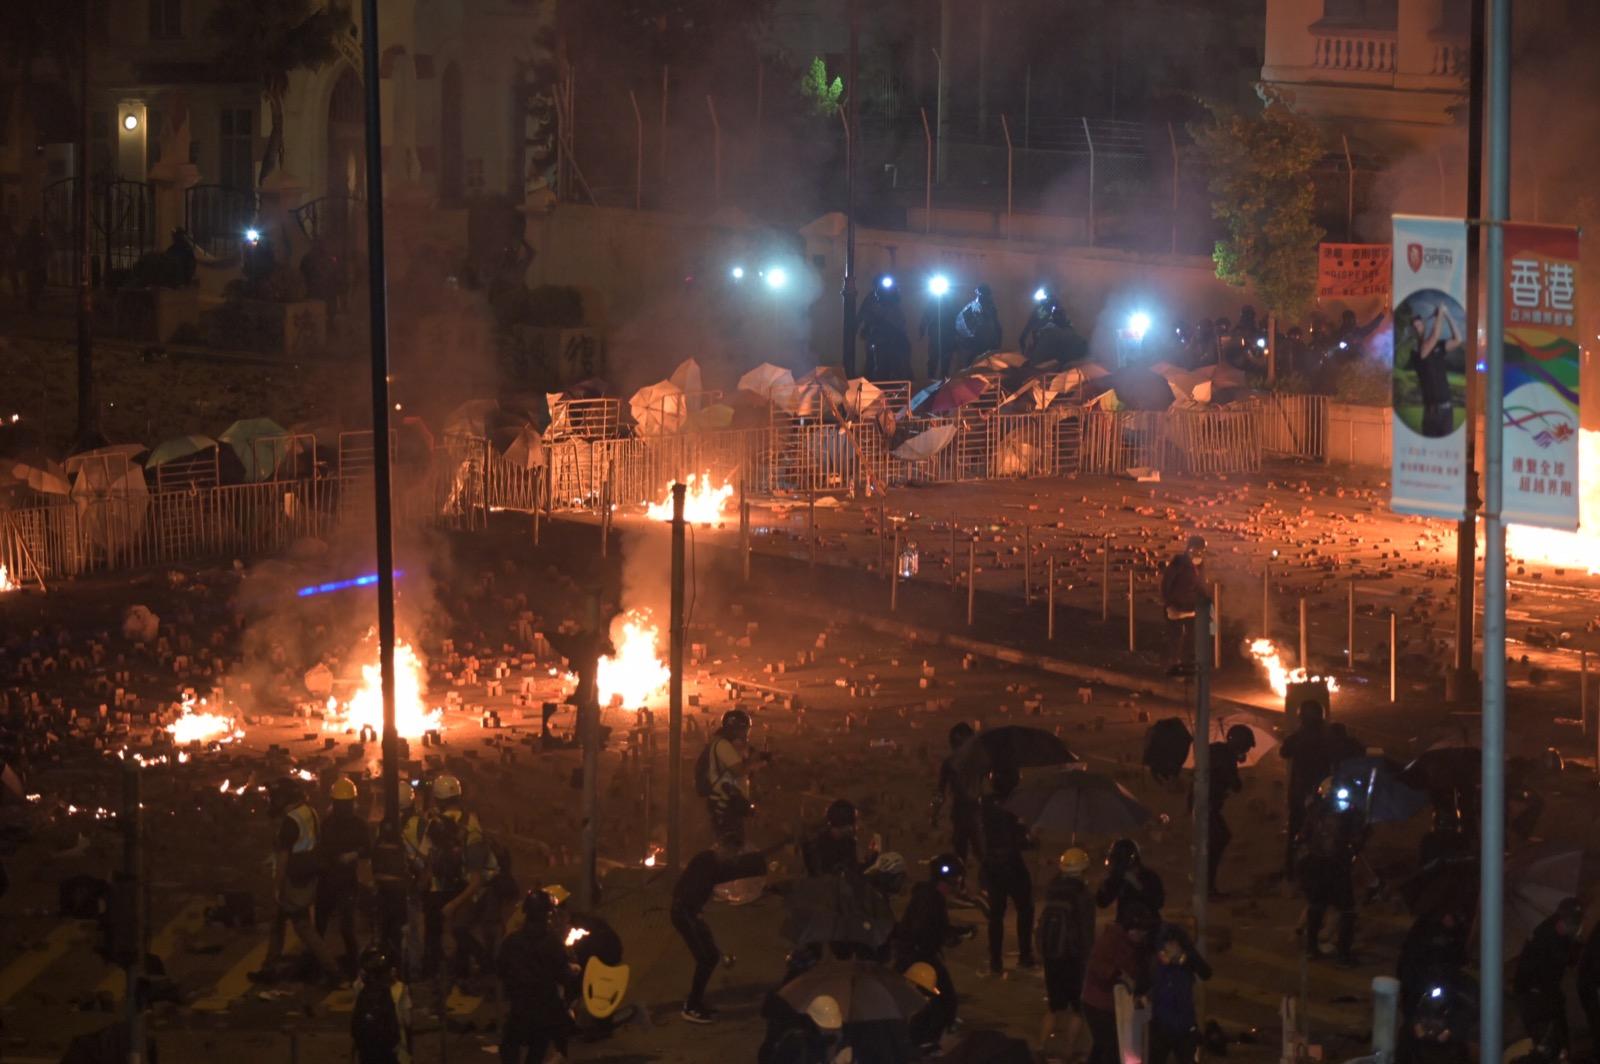 【大三罷】示威者擲汽油彈 防暴警漆咸道南射催淚彈